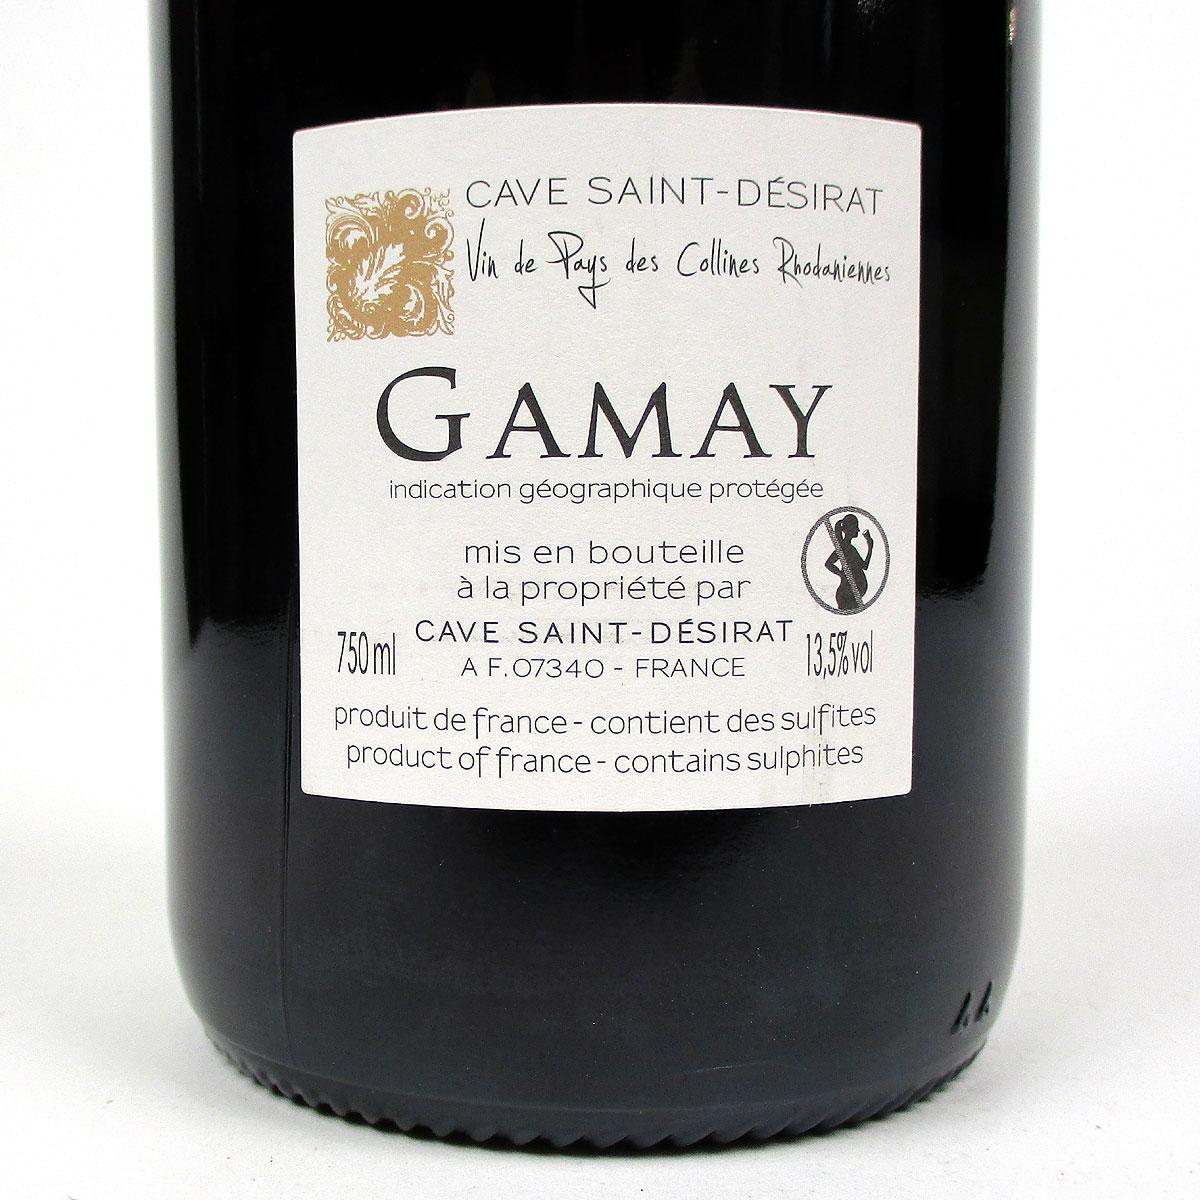 IGP Collines Rhodaniennes: Cave Saint-Désirat Gamay 2019 - Bottle Rear Label